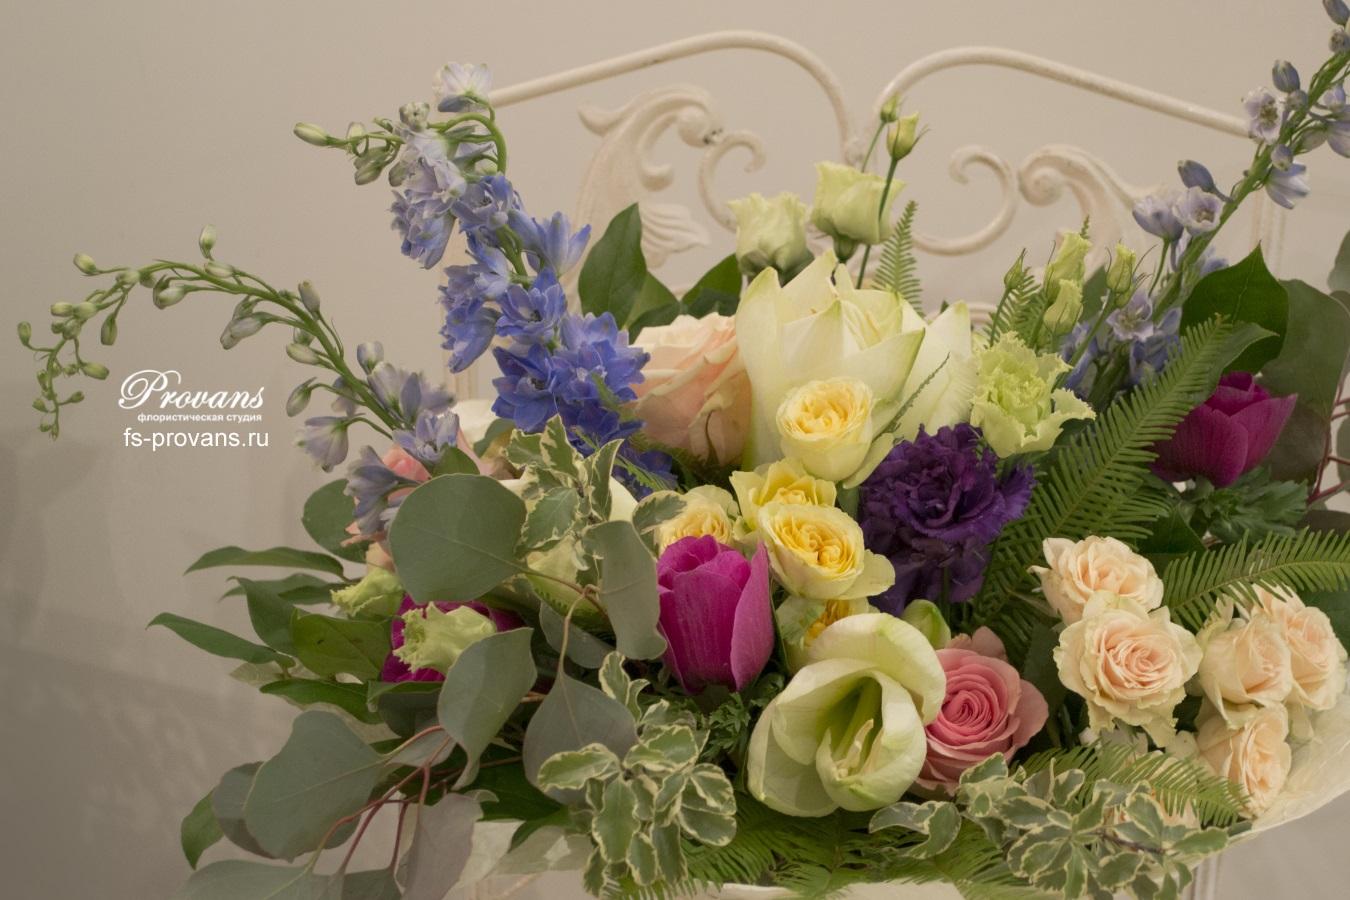 Букет на юбилей. Розы, амариллис, дельфиниум, тюльпаны, анемоны